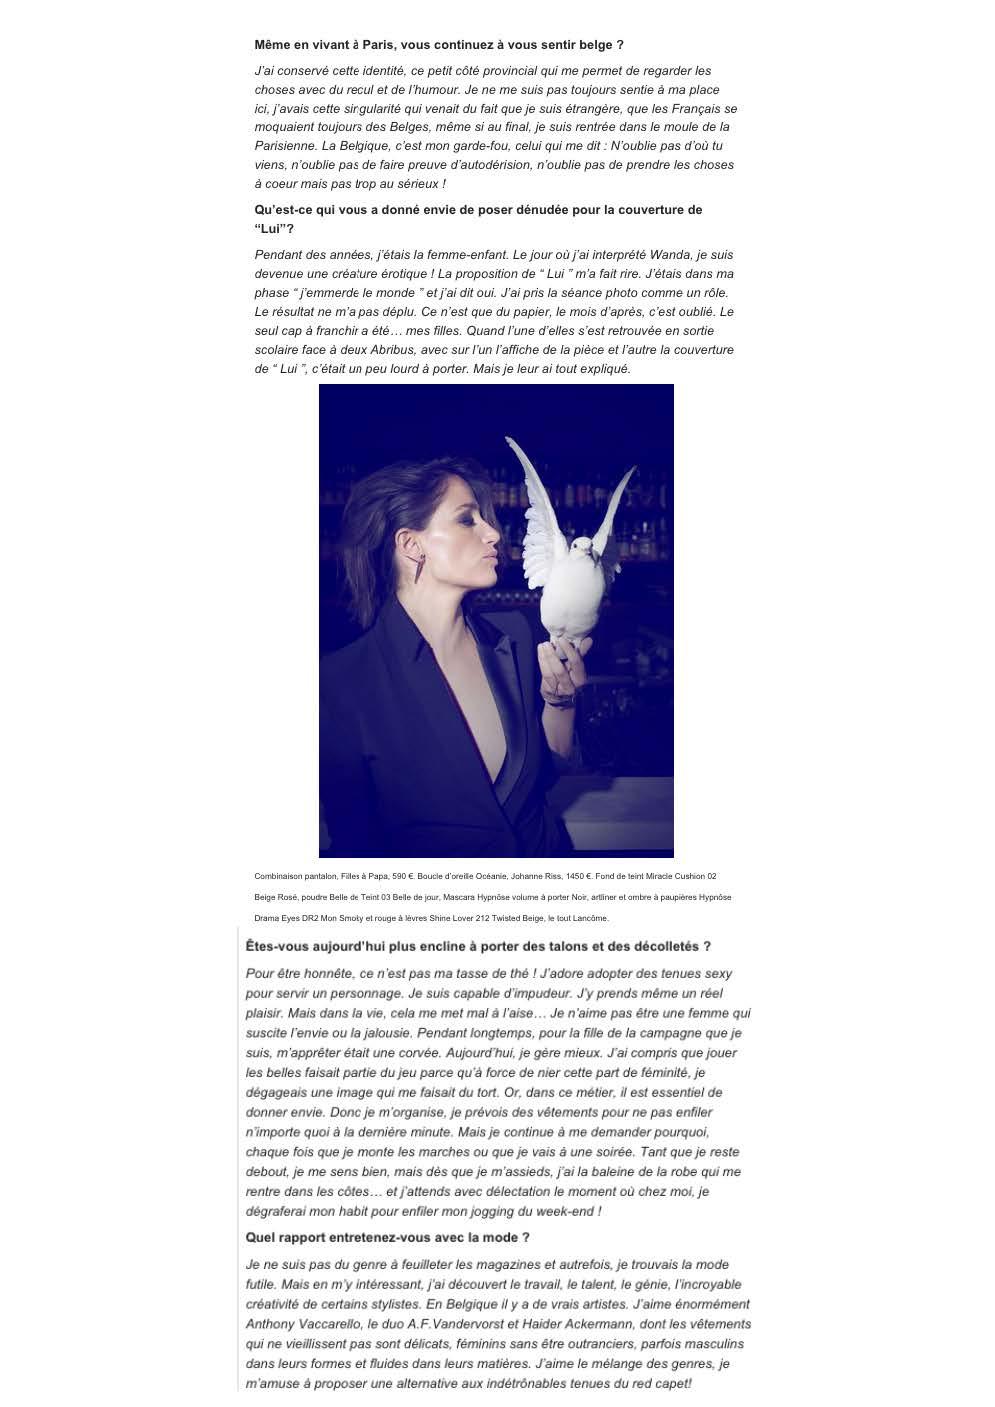 Le Soir 10.06.15 page 3/4